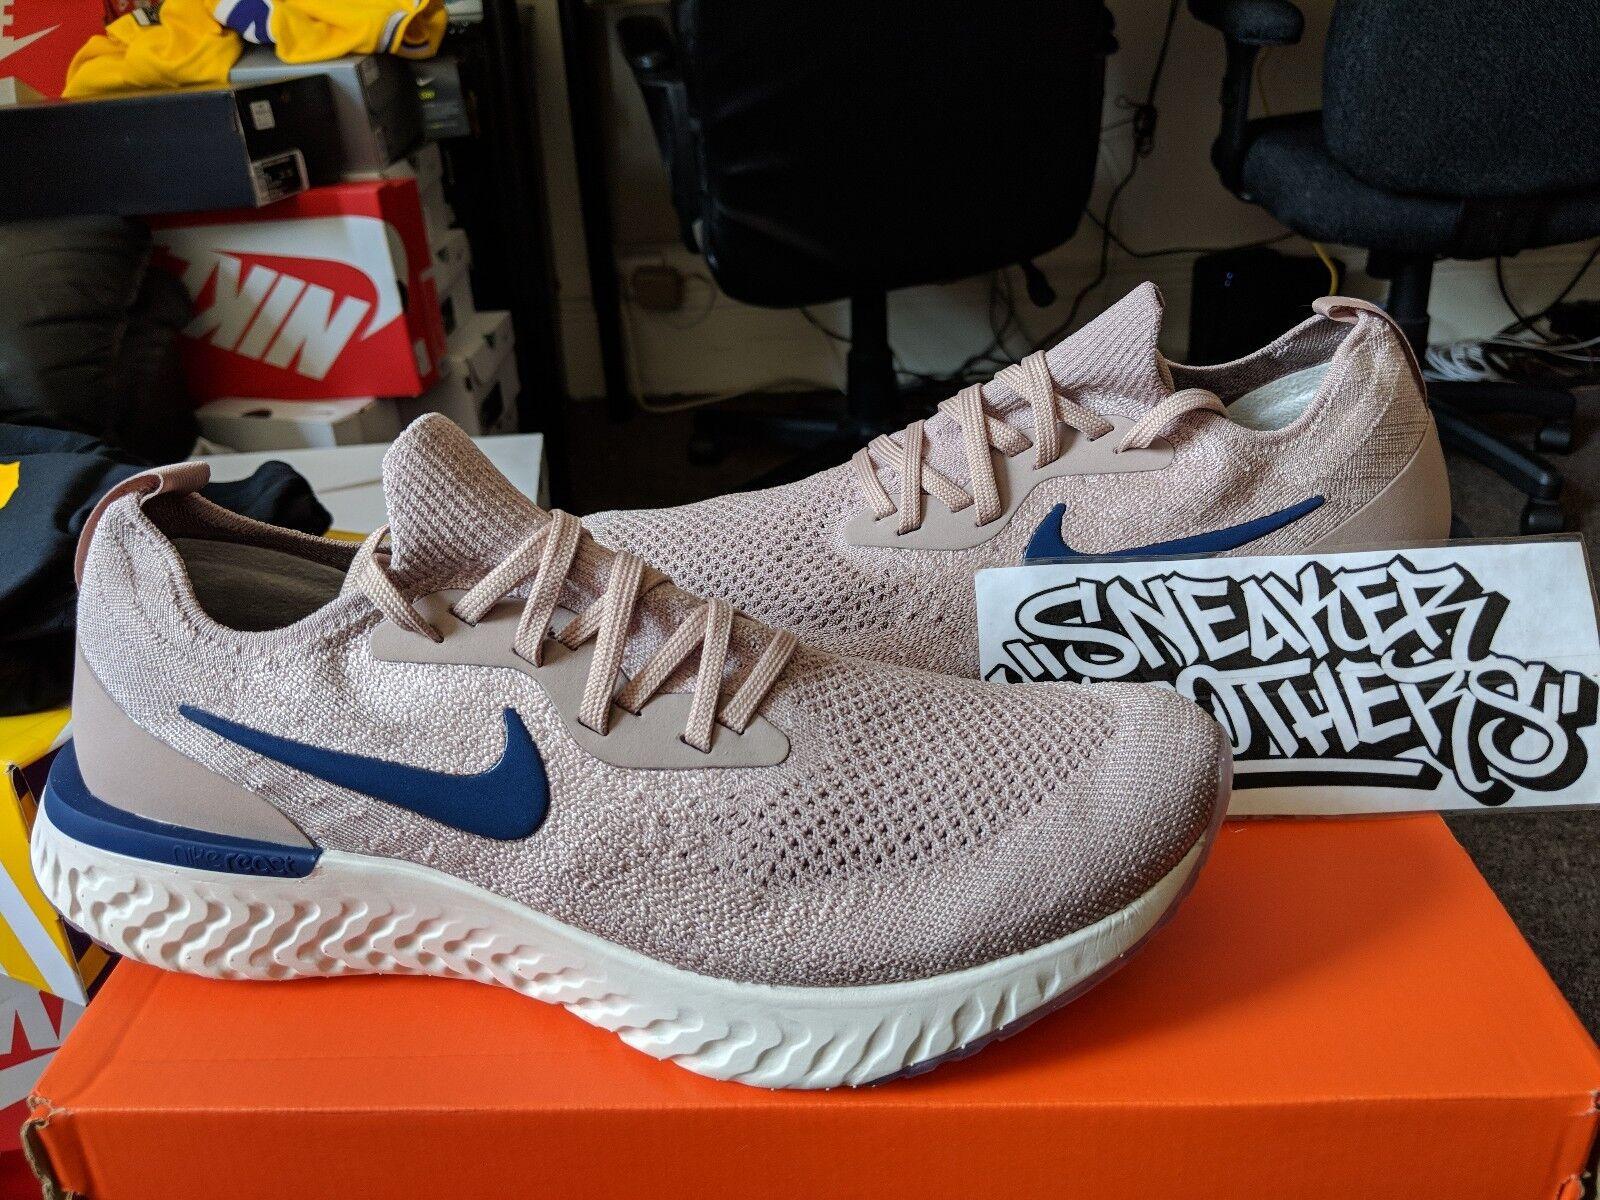 Nike epico reagire flyknit 2018 diffuso grigio blu vuoto in uomini aq0067-201